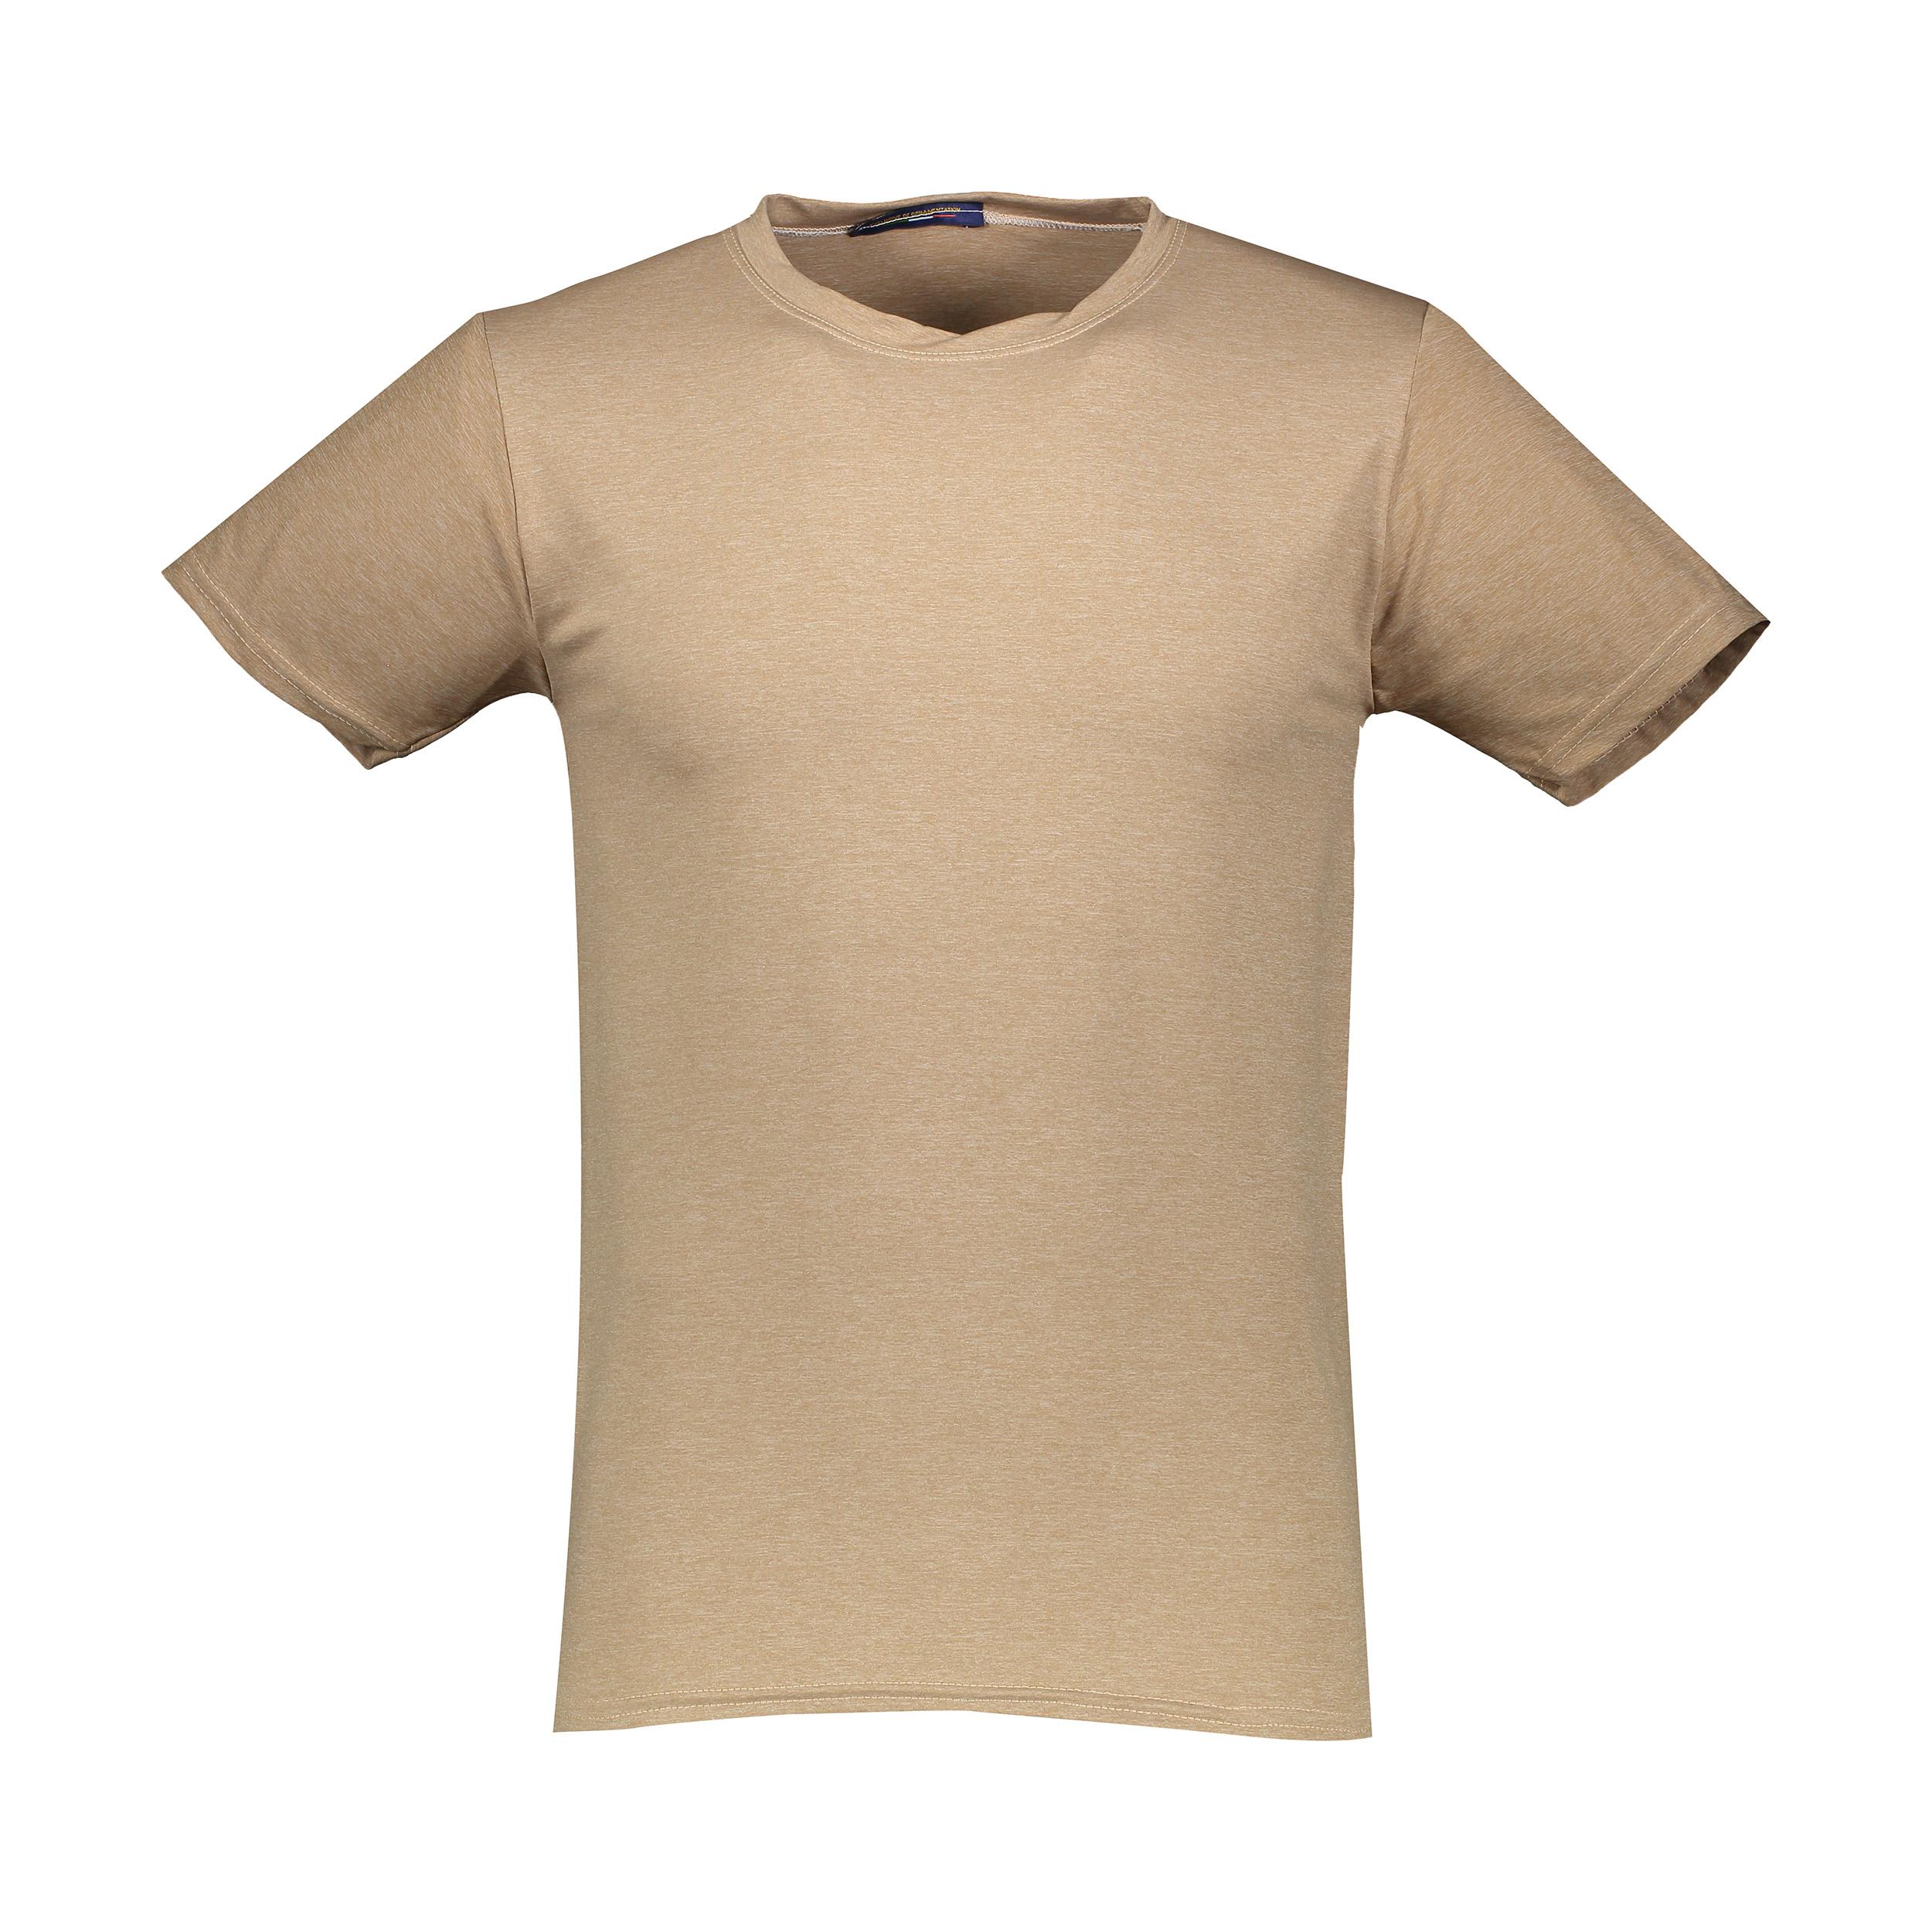 تی شرت مردانه مدل T.Baz.129